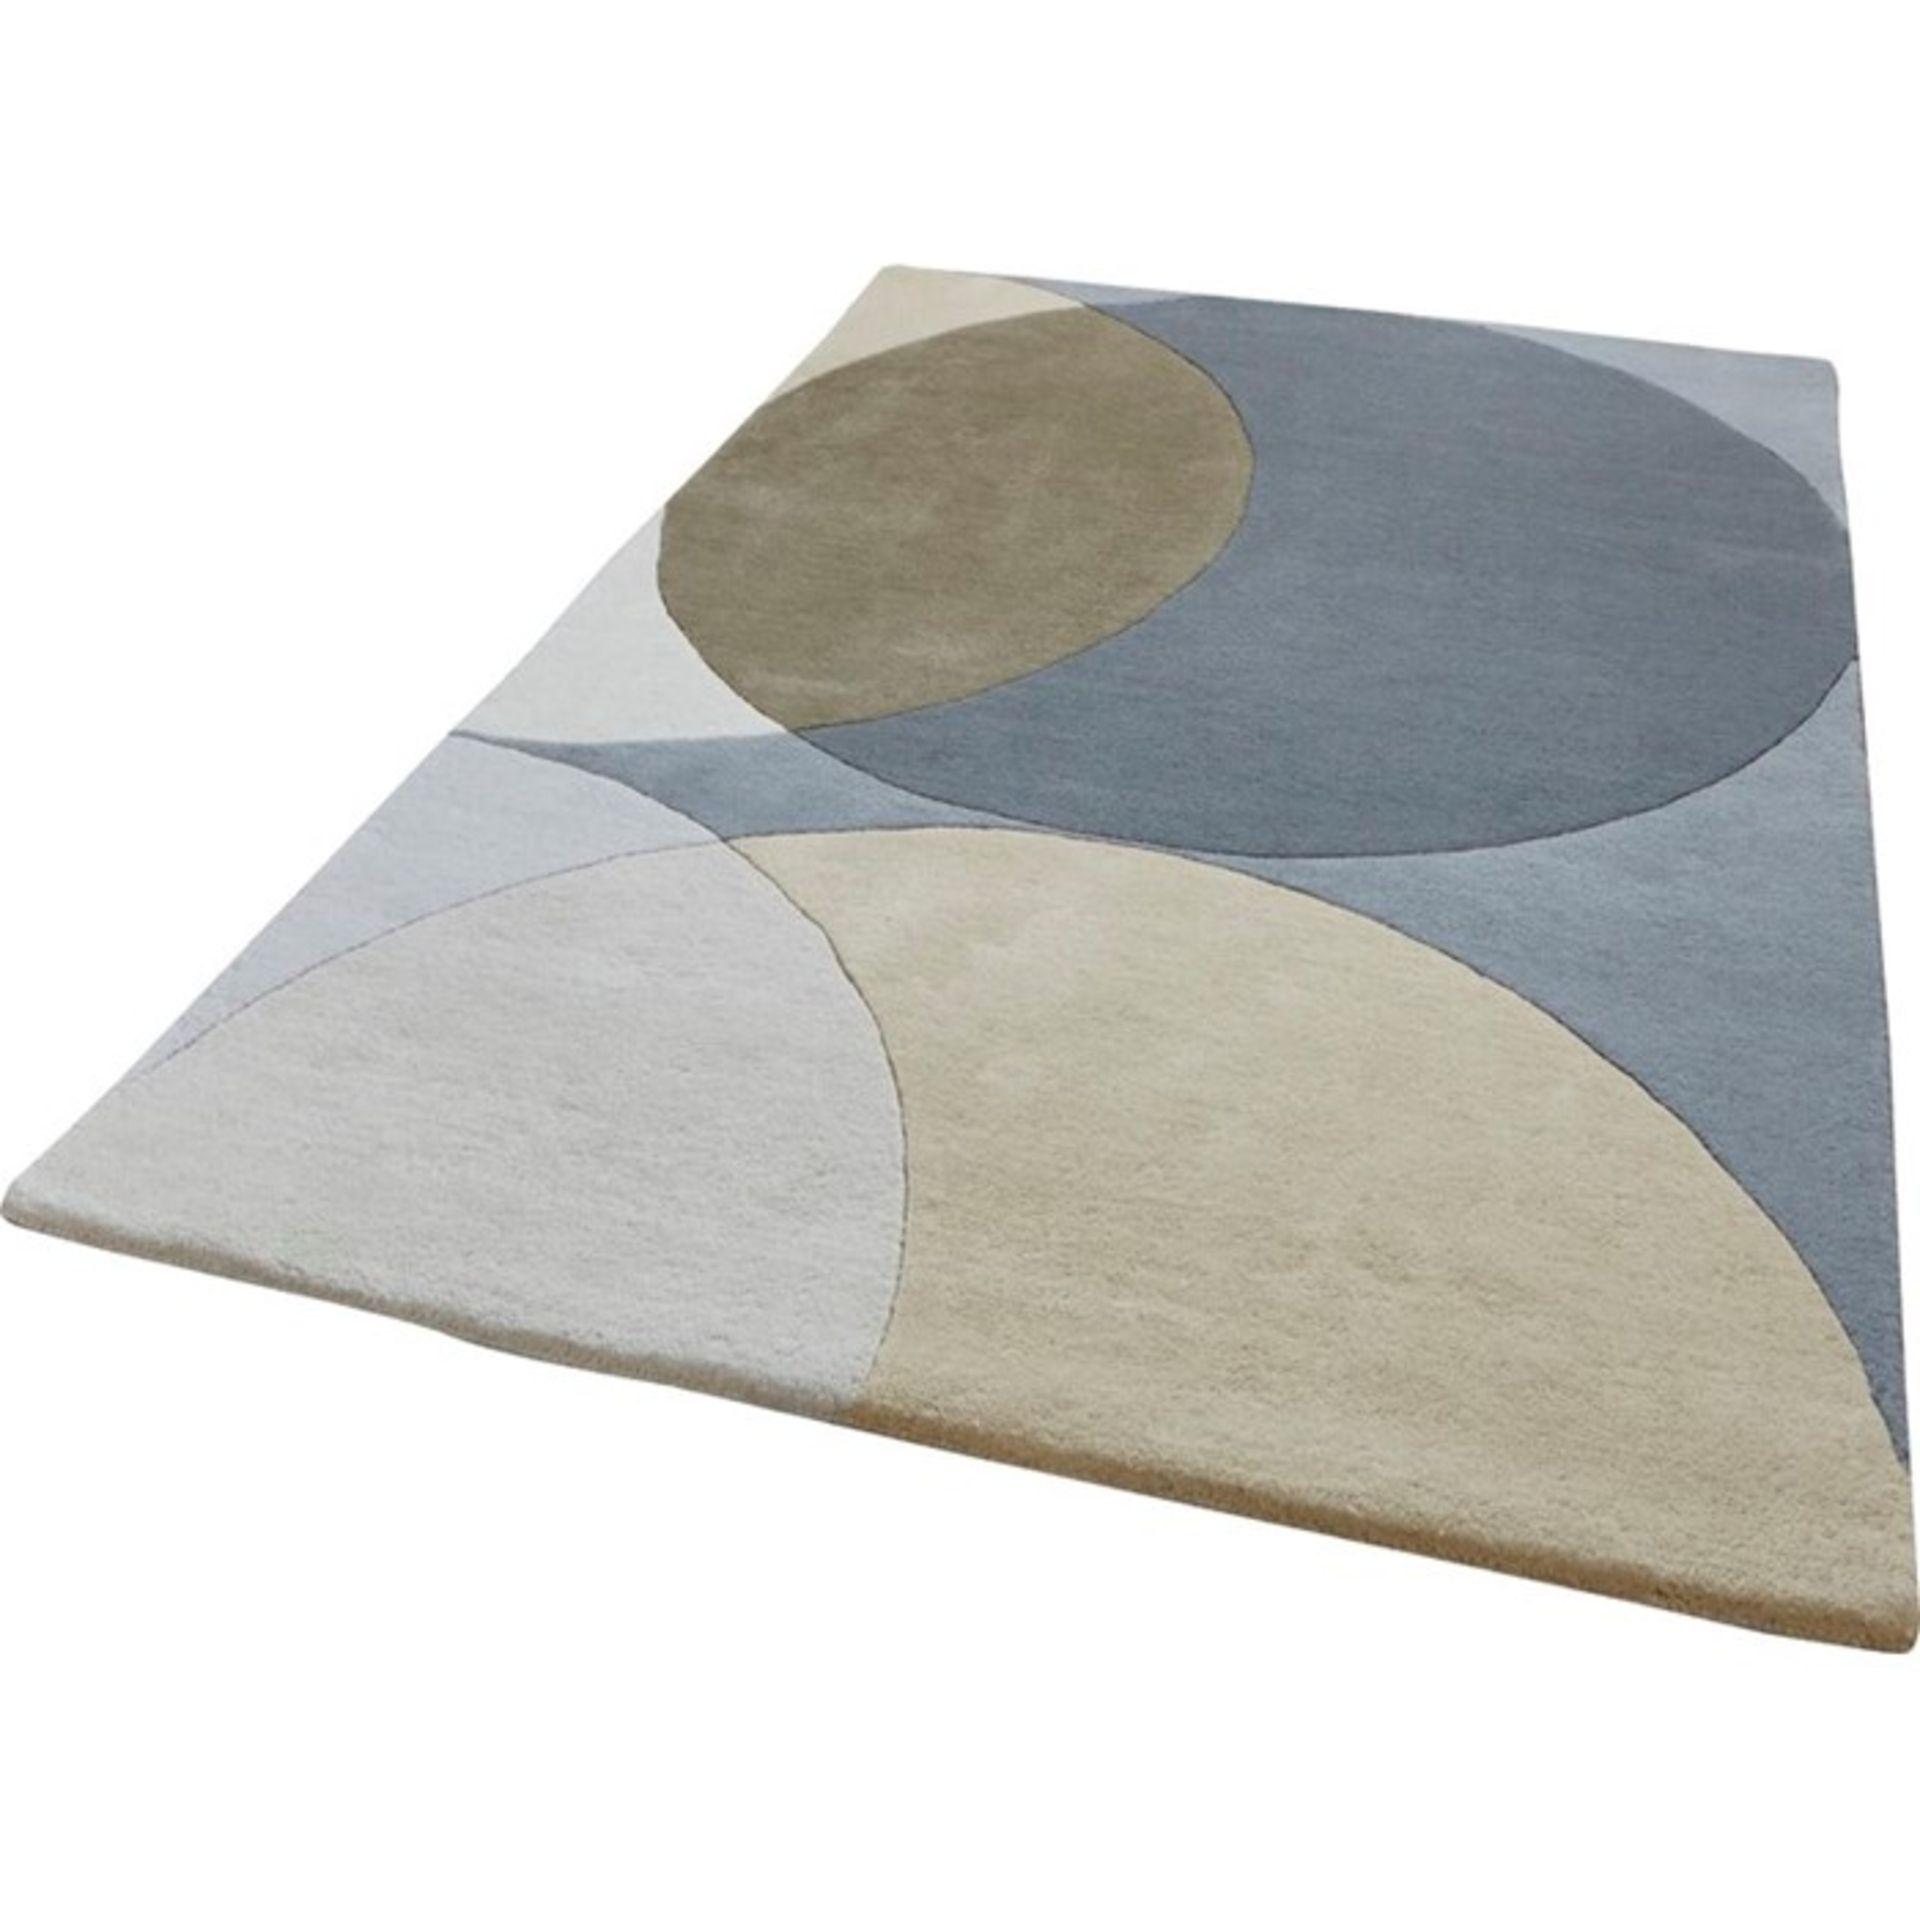 Fjørde & Co,Avaraja Hand-Tufted Grey Area Rug ,RRP - £139.99 (OZV2340 - 17454/37)